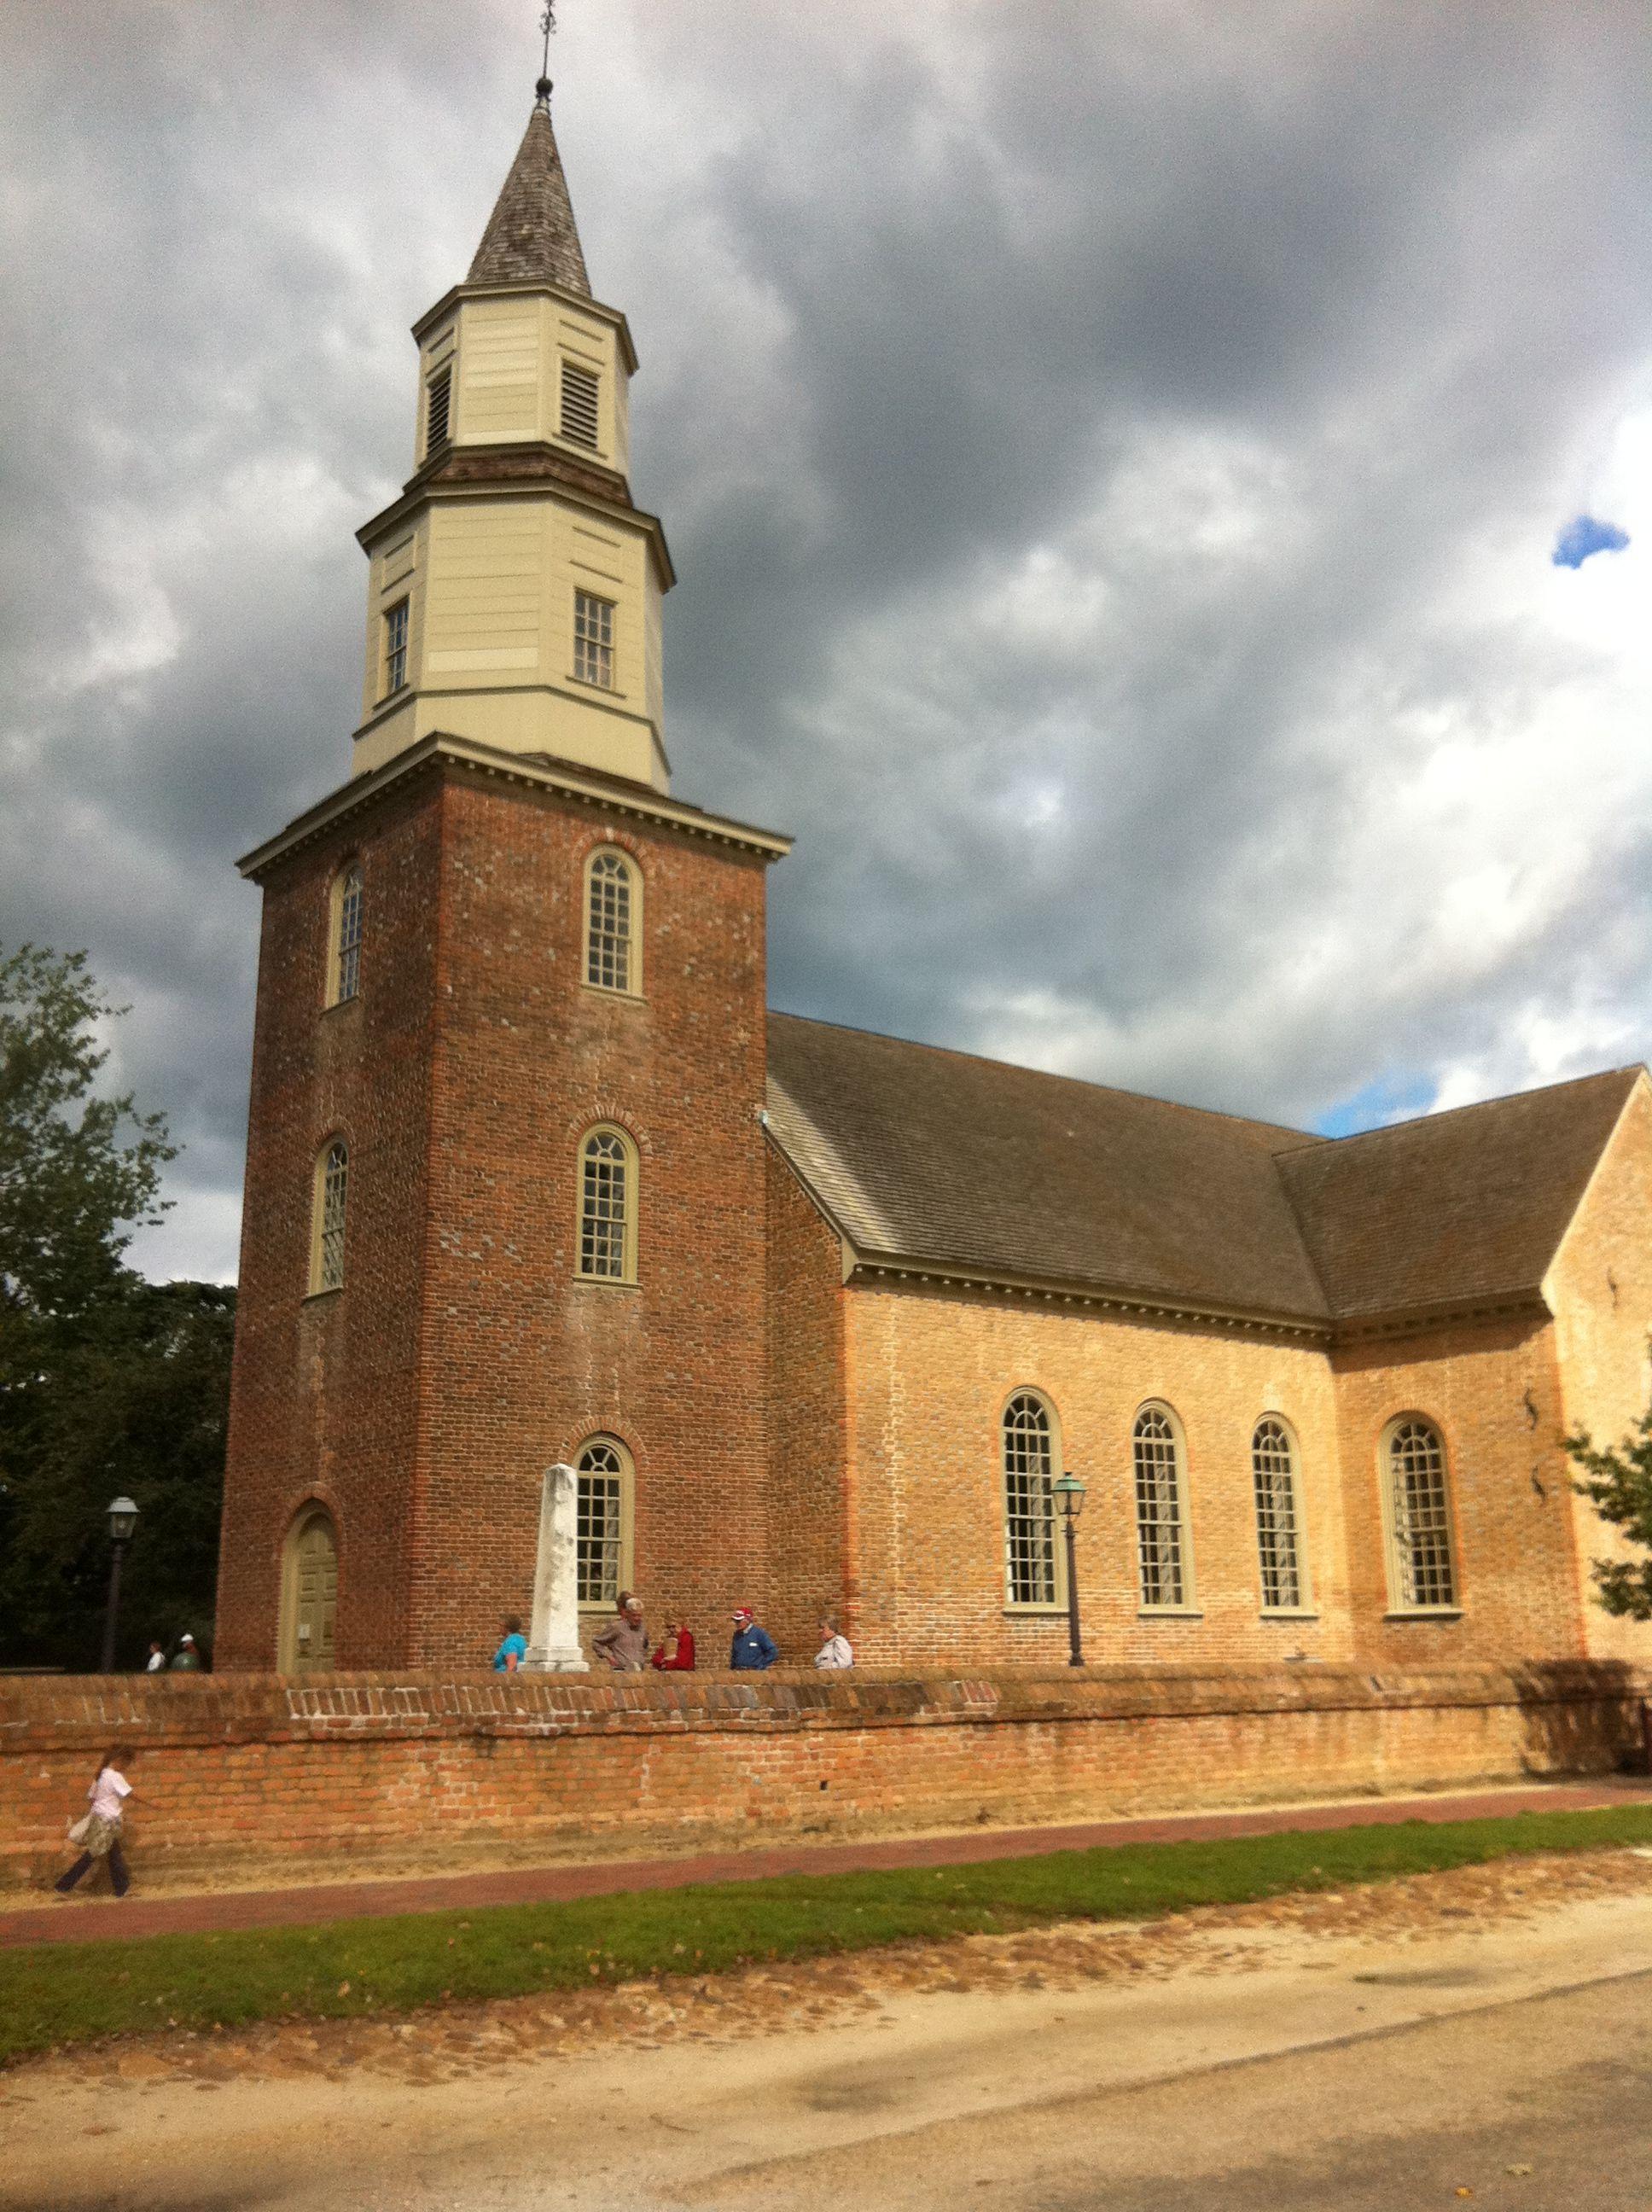 Bruton Parish, Williamsburg, Virginia. One of the oldest ...